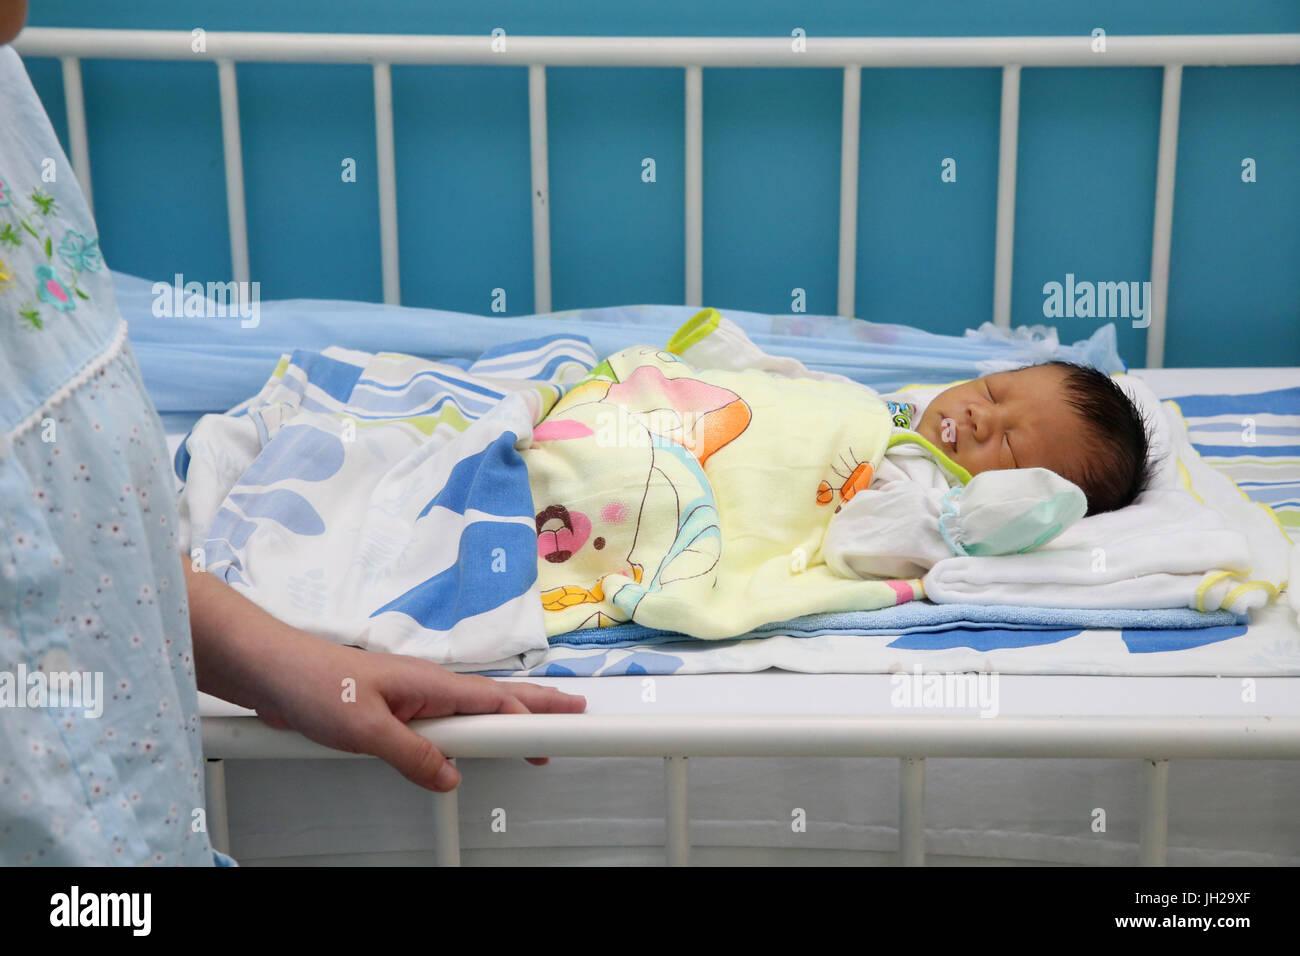 Herz-Institut bieten qualitativ hochwertige Betreuung vietnamesischen Patienten mit Herzkrankheiten. Ho-Chi-Minh Stockbild